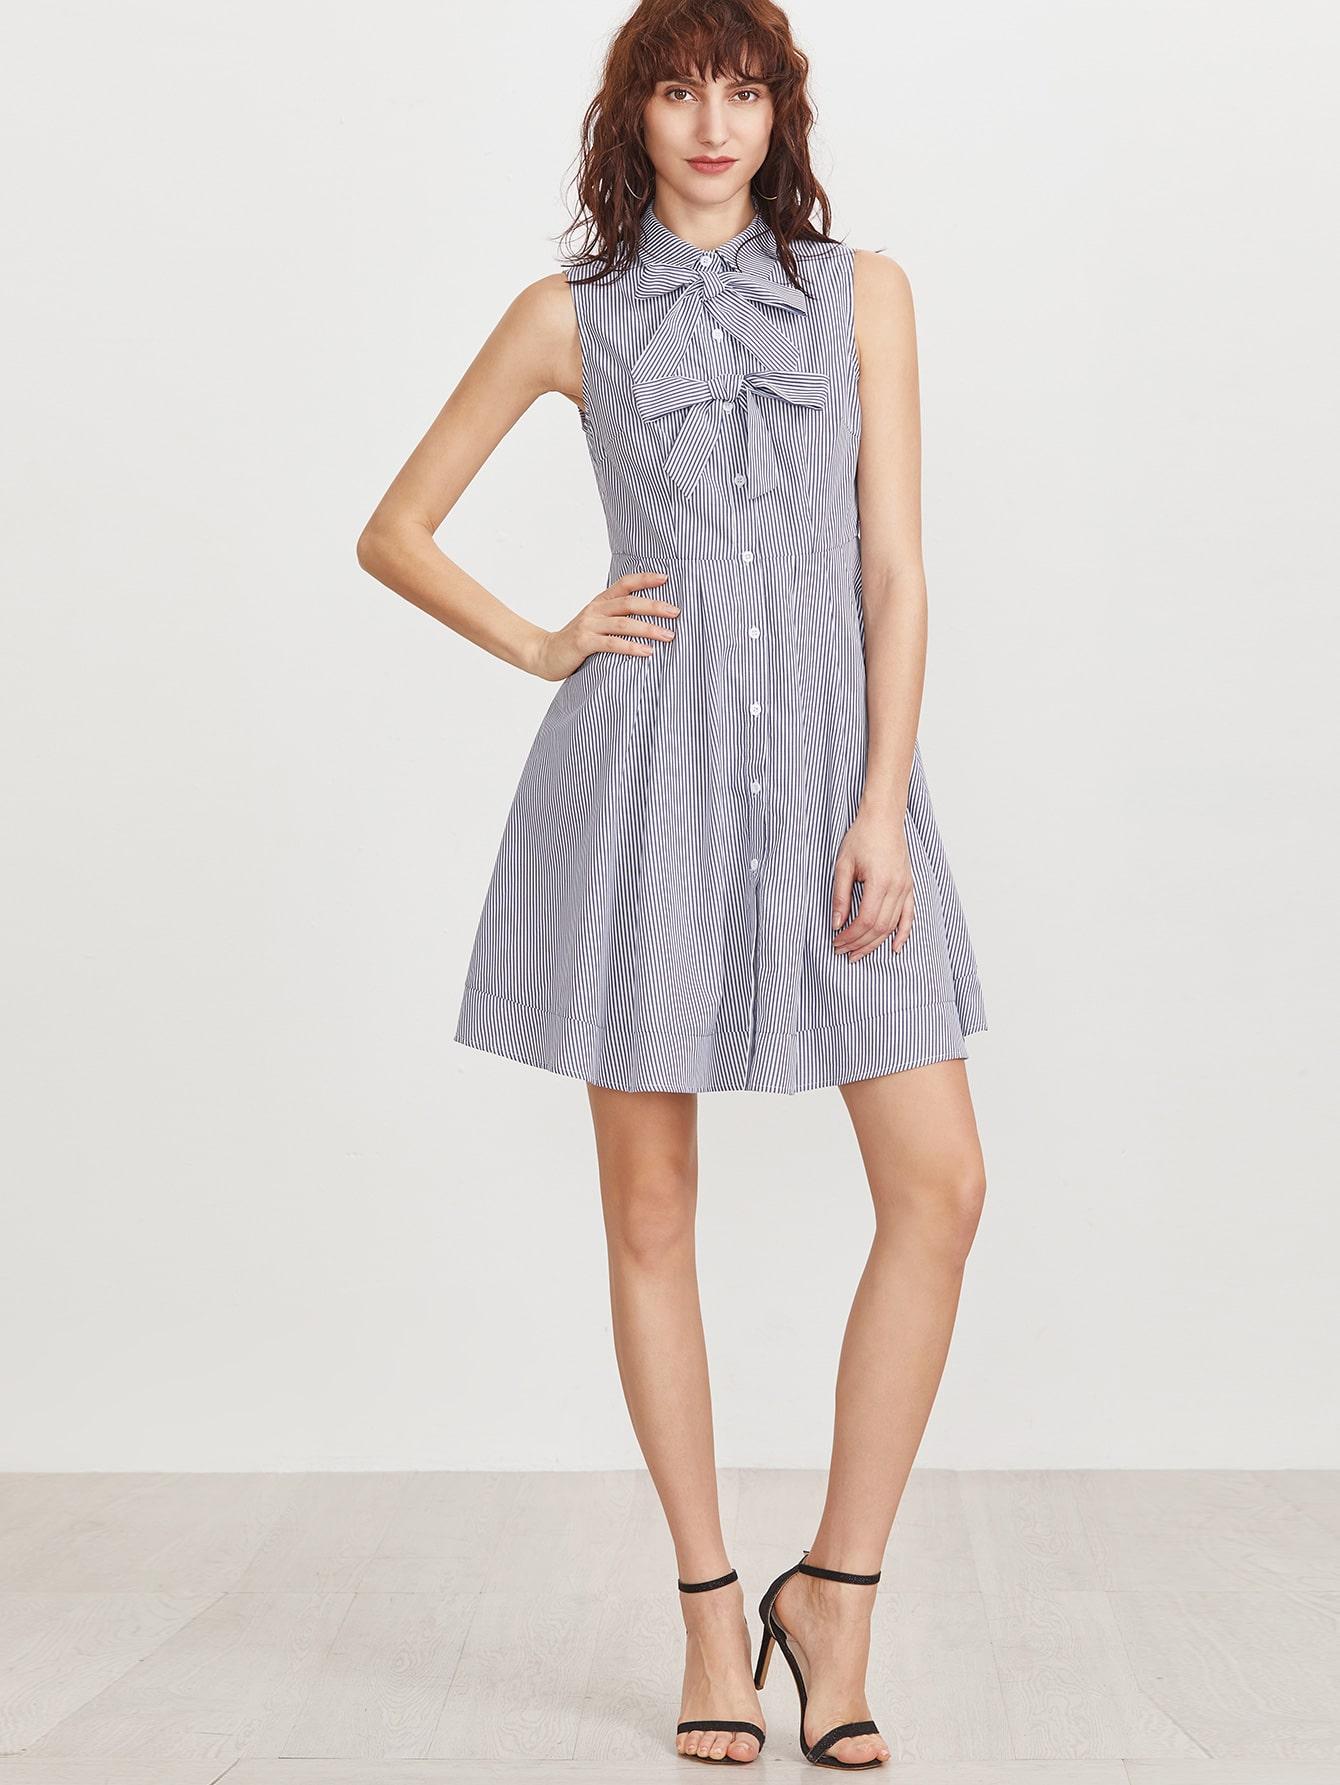 dress161227725_2